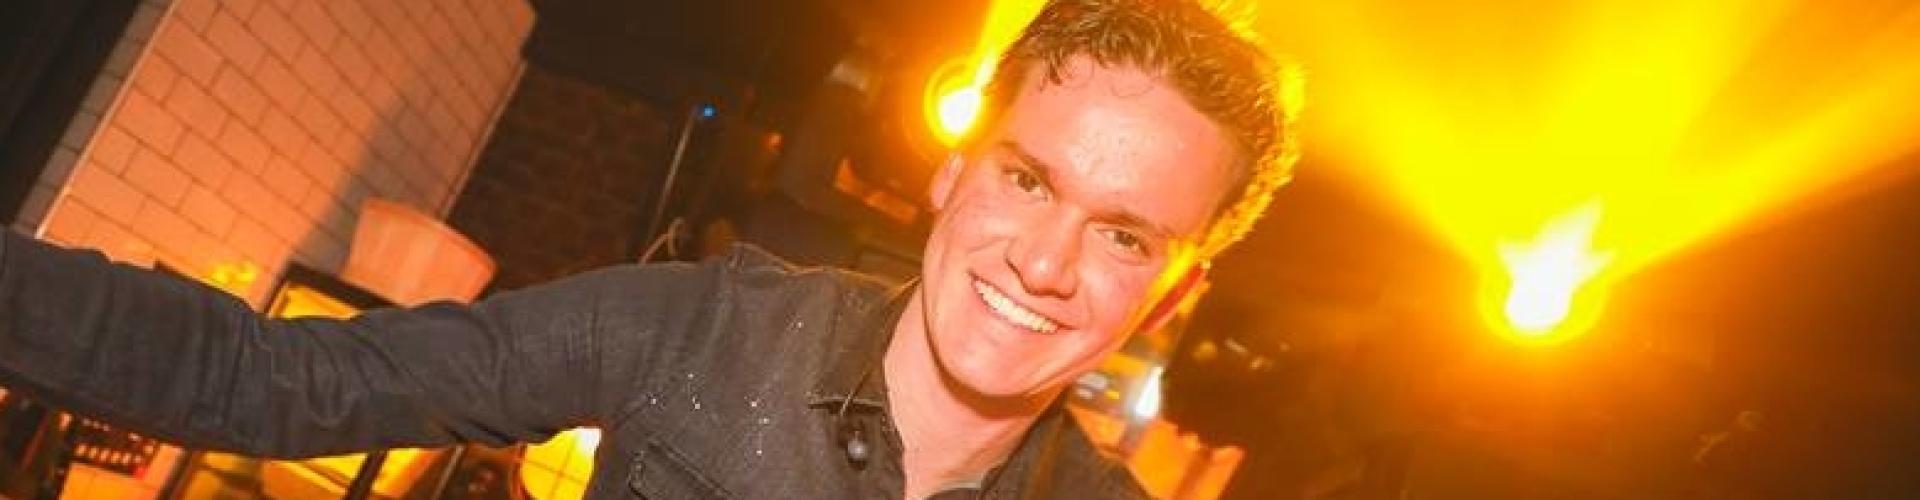 DJ Marten boeken voor feest Ambitious DJ Marten hier tijdens Friday Afternoon Drink in De Zalm te Gouda